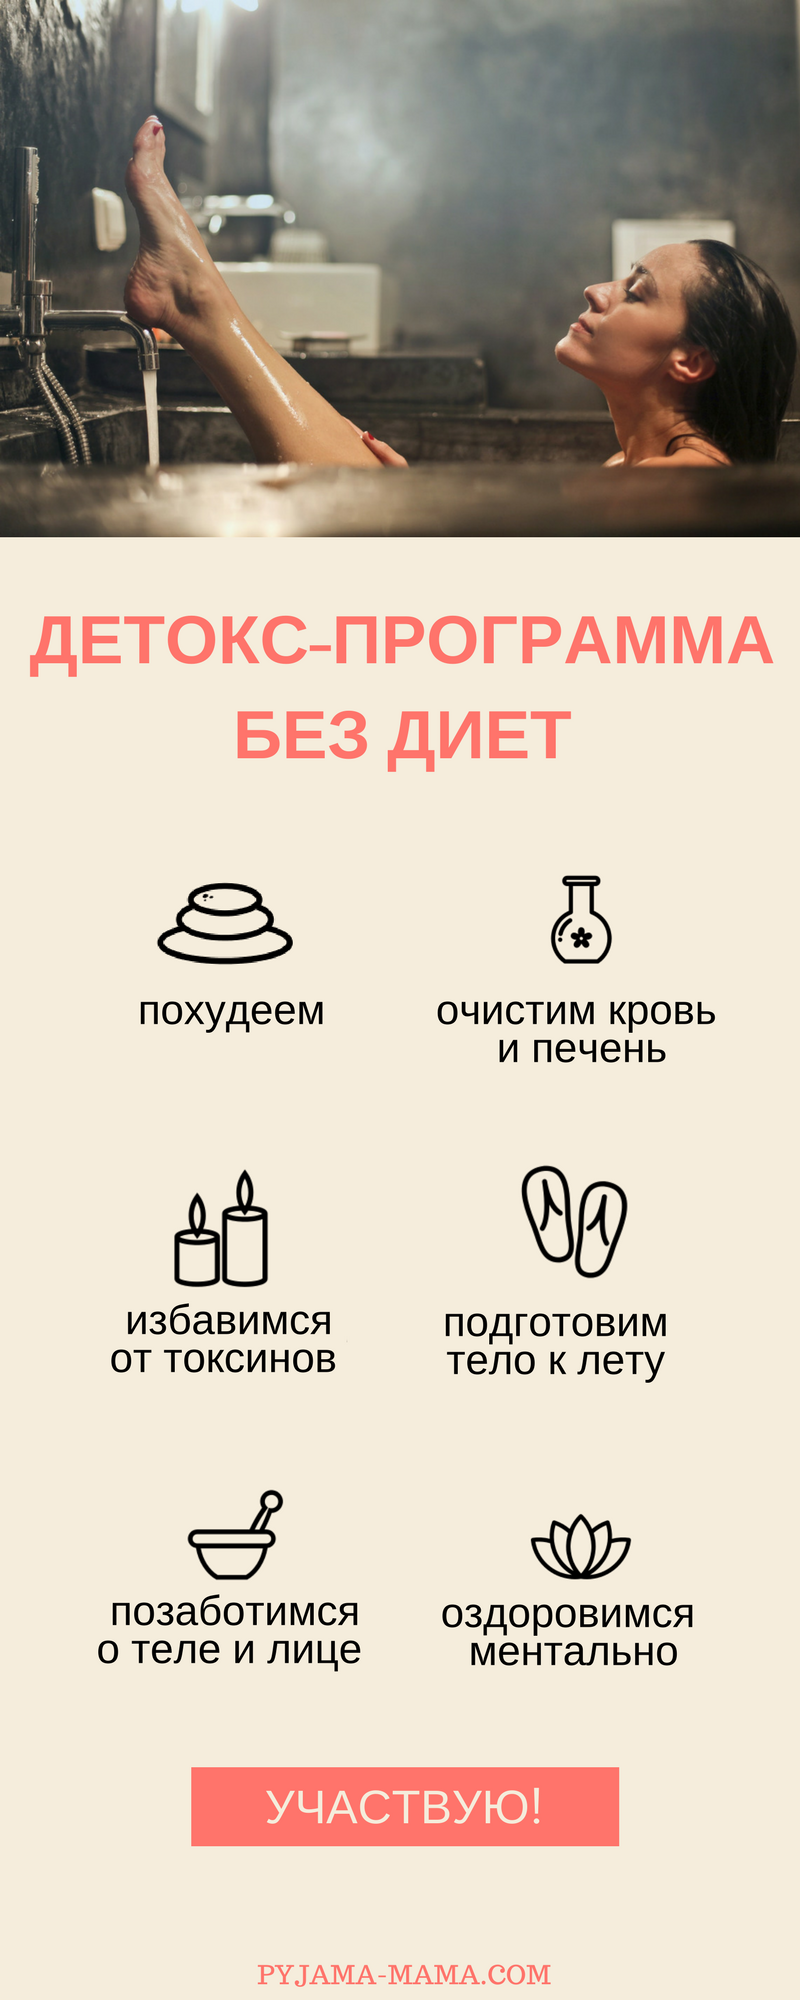 Программы Похудение И Детокс.